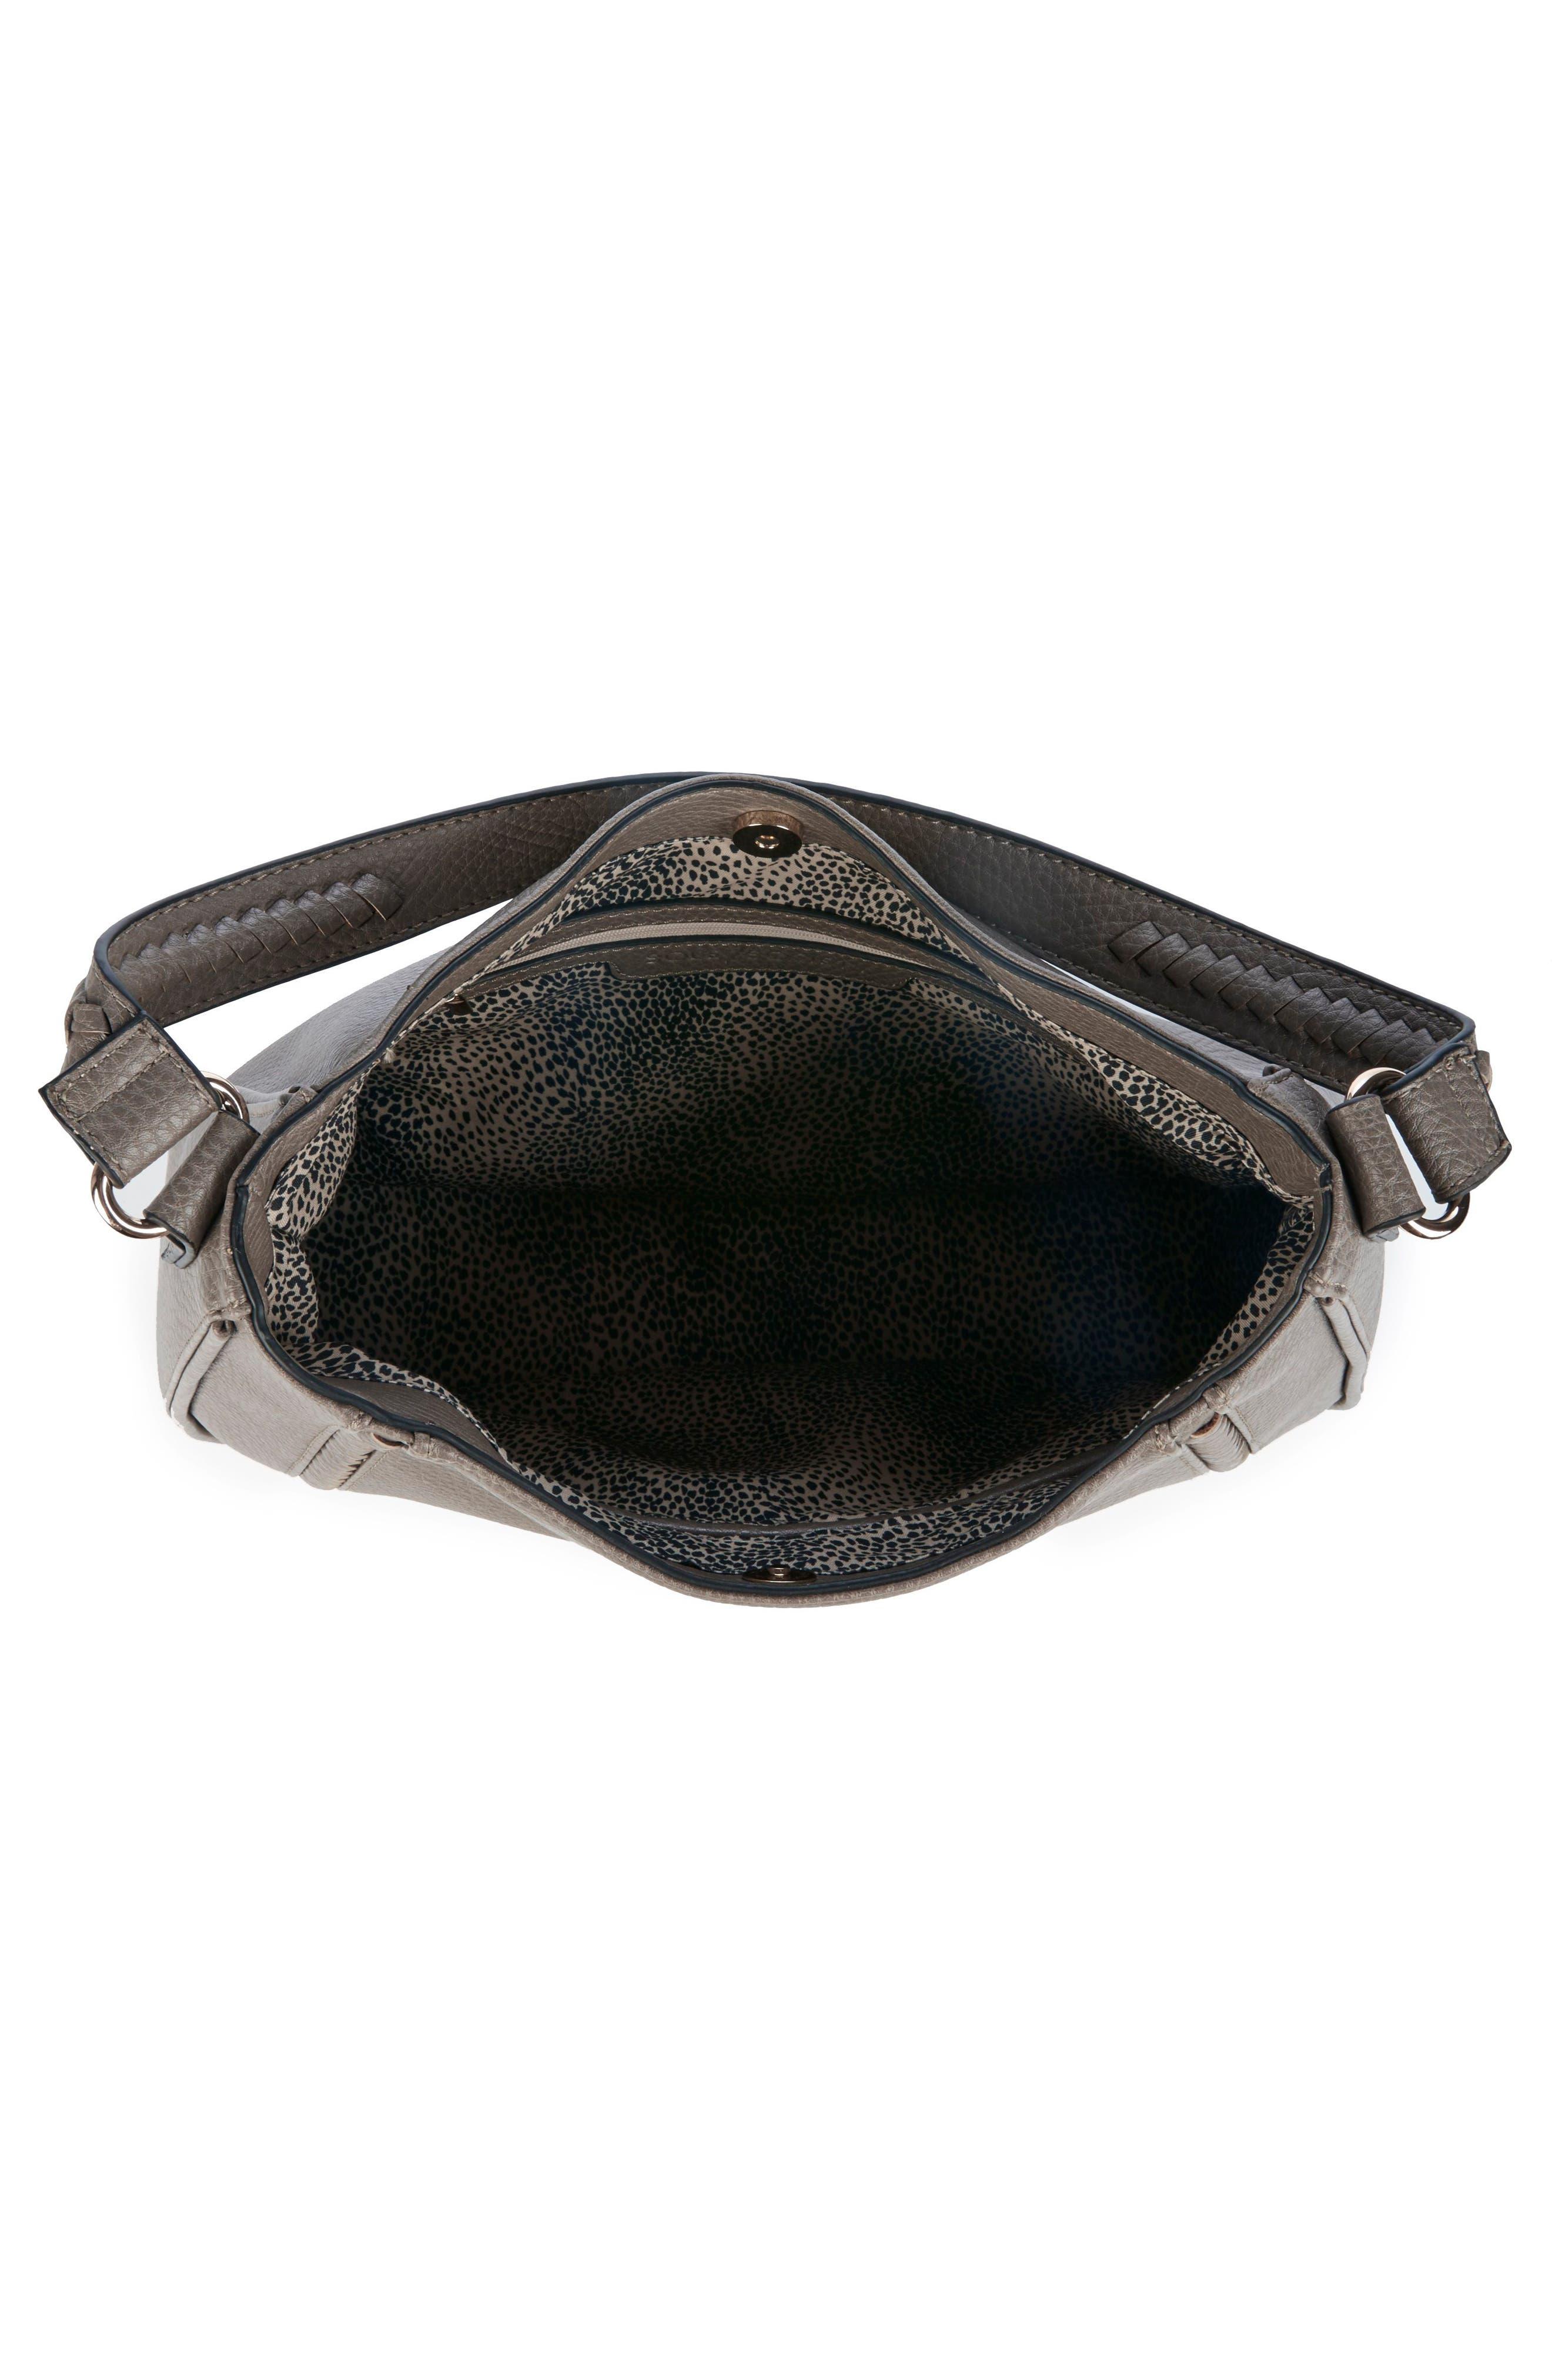 Sarafina Faux Leather Shoulder Bag,                             Alternate thumbnail 4, color,                             020